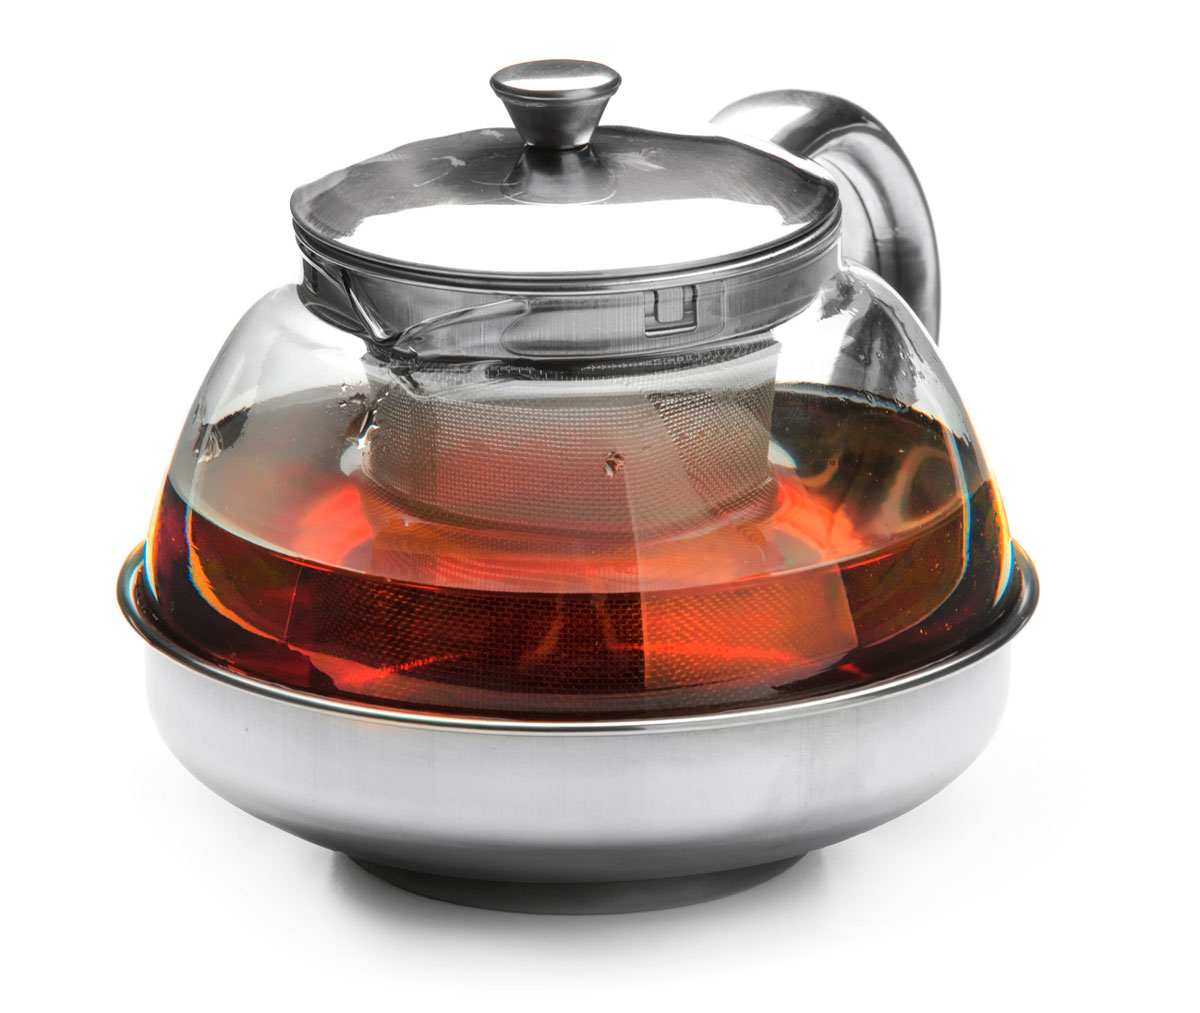 Чайник заварочный Mayer & Boch, с ситом, 600 мл. 2620326203Заварочный чайник Mayer & Boch изготовлен из термостойкого боросиликатного стекла, крышка, ручка, часть корпуса и фильтр выполнены из нержавеющей стали. Изделия из стекла не впитывают запахи, благодаря чему вы всегда получите натуральный, насыщенный вкус и аромат напитков.Заварочный чайник из стекла удобно использовать для повседневного заваривания чая практически любого сорта. Но цветочные, фруктовые, красные и желтые сорта чая лучше других раскрывают свой вкус и аромат при заваривании именно в стеклянных чайниках, а также сохраняют все полезные ферменты и витамины, содержащиеся в чайных листах. Стальной фильтр гарантирует прозрачность и чистоту напитка от чайных листьев, при этом сохранив букет и насыщенность чая. Прозрачные стенки чайника дают возможность насладиться насыщенным цветом заваренного чая. Изящный заварочный чайник Mayer & Boch будет прекрасно смотреться в любом интерьере. Подходит для мытья в посудомоечной машине.